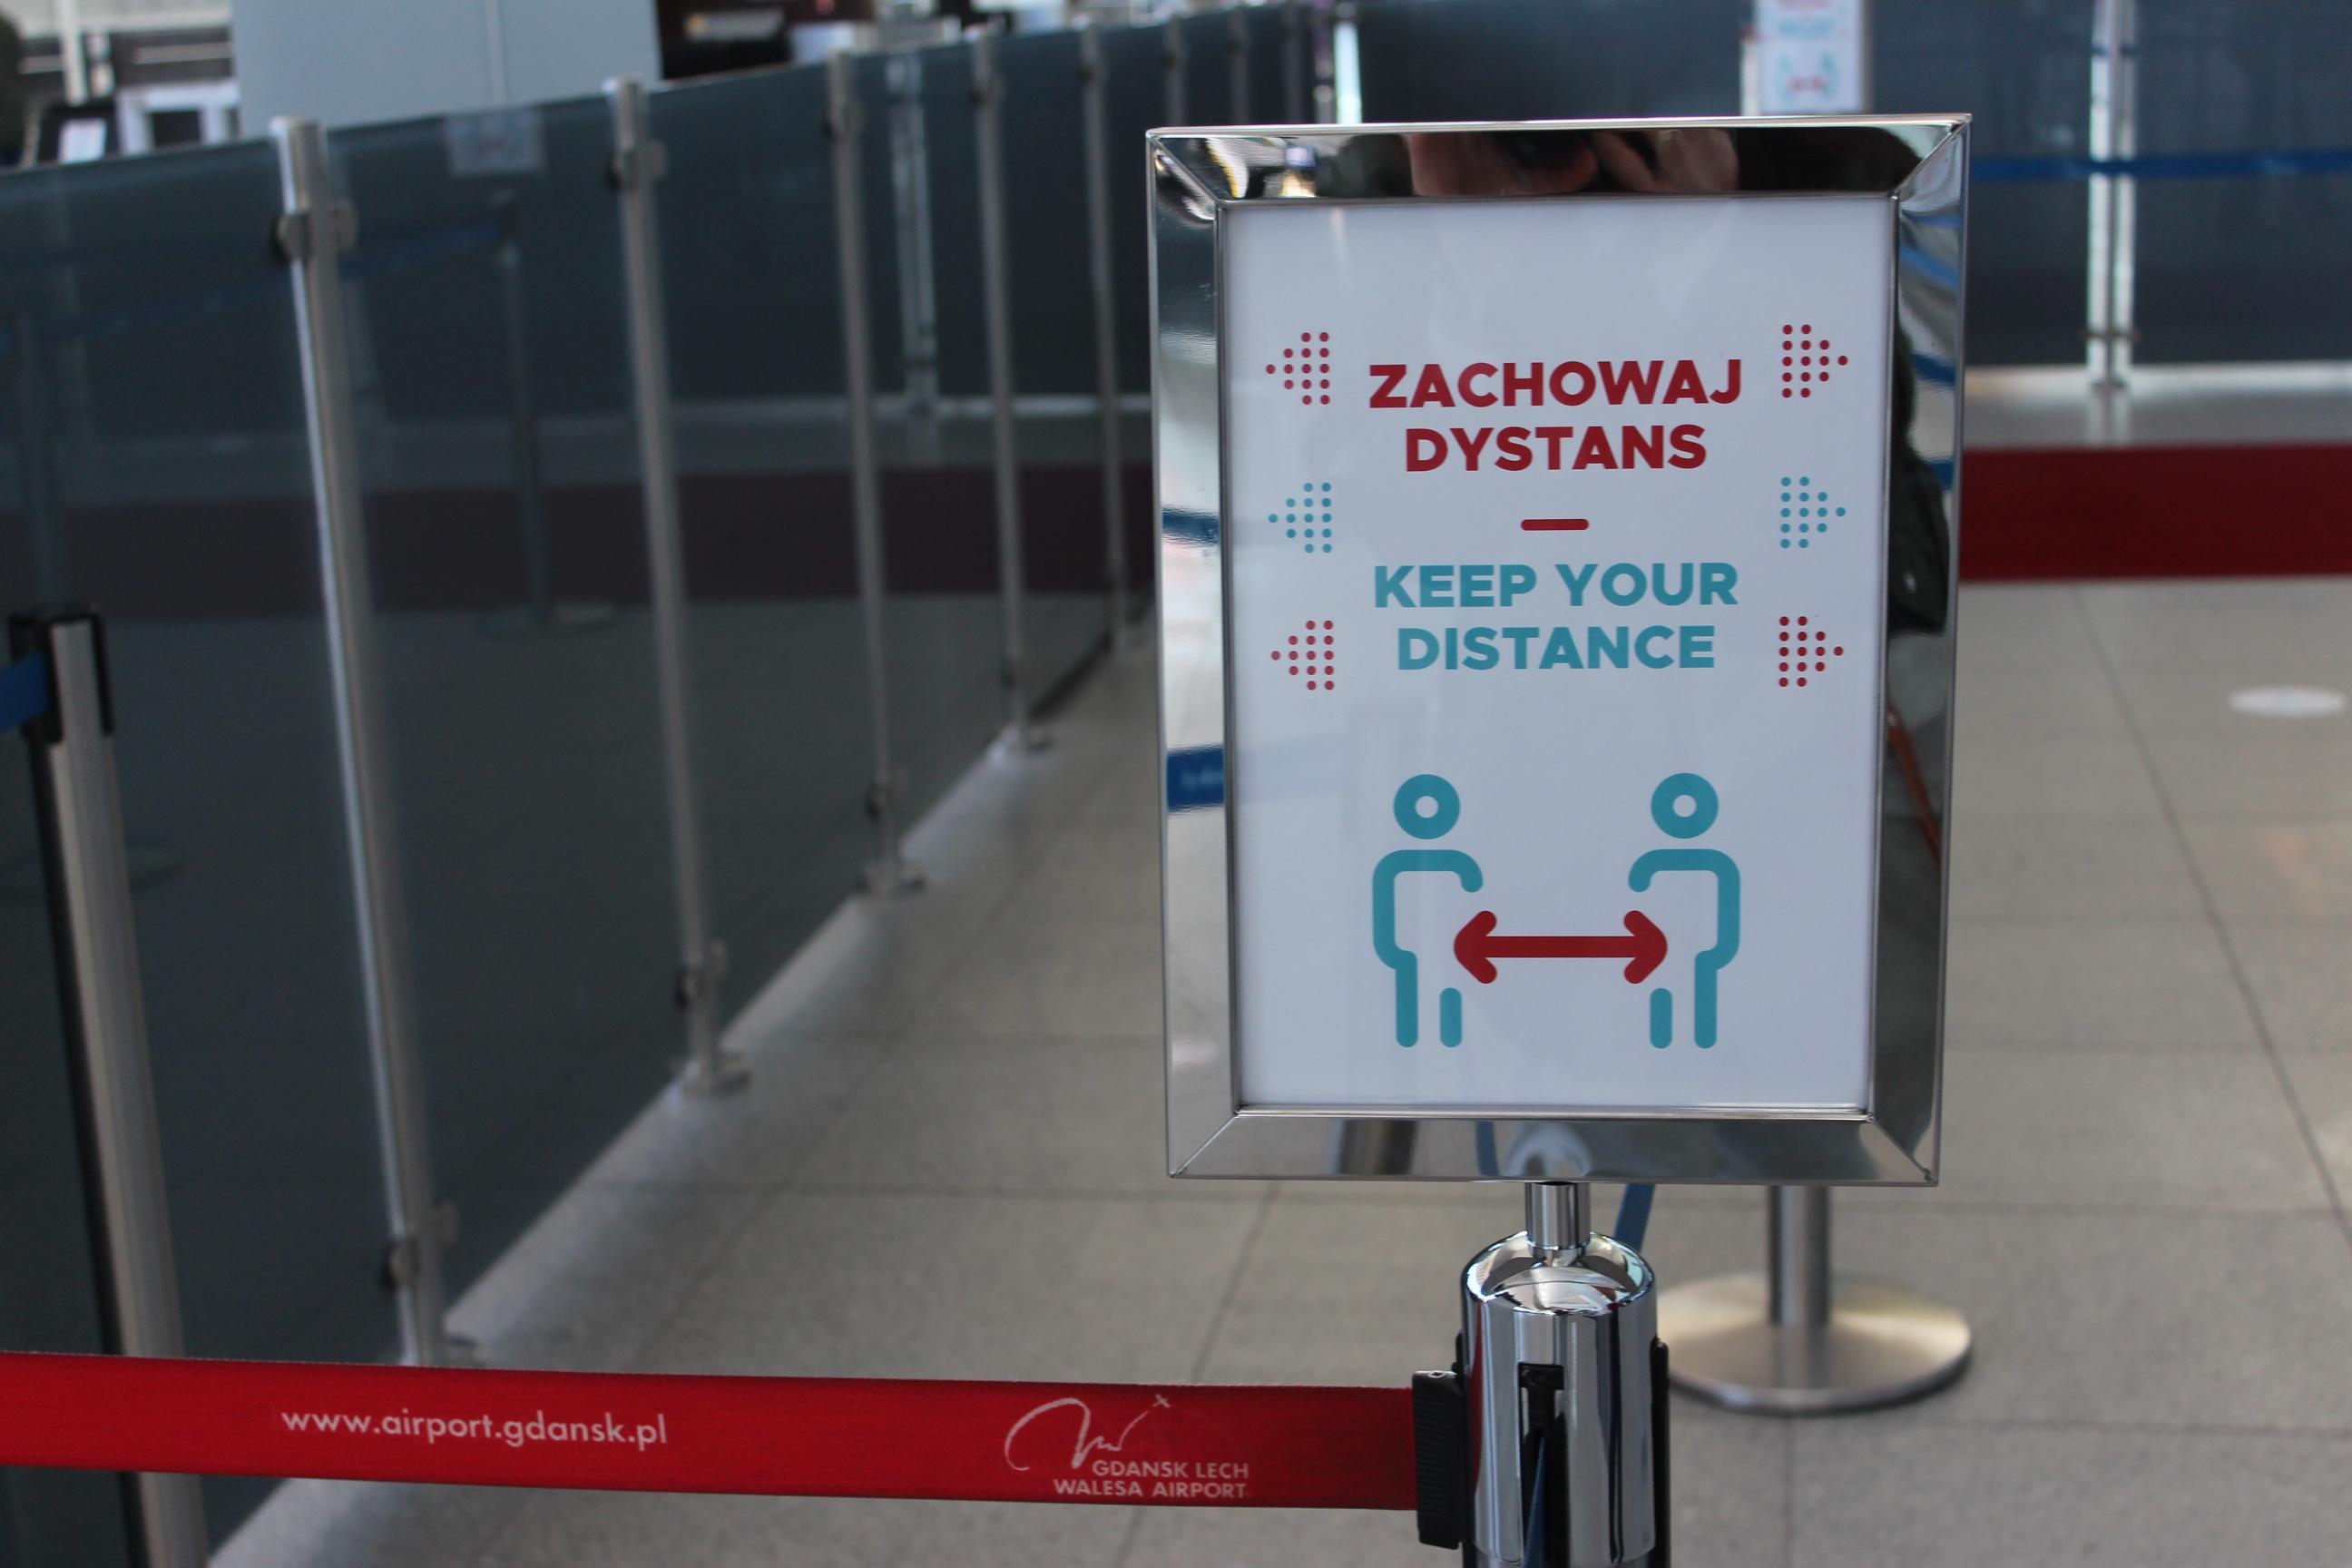 Nowe zasady dla podróżujących samolotami, fot. Magda Śliżewska